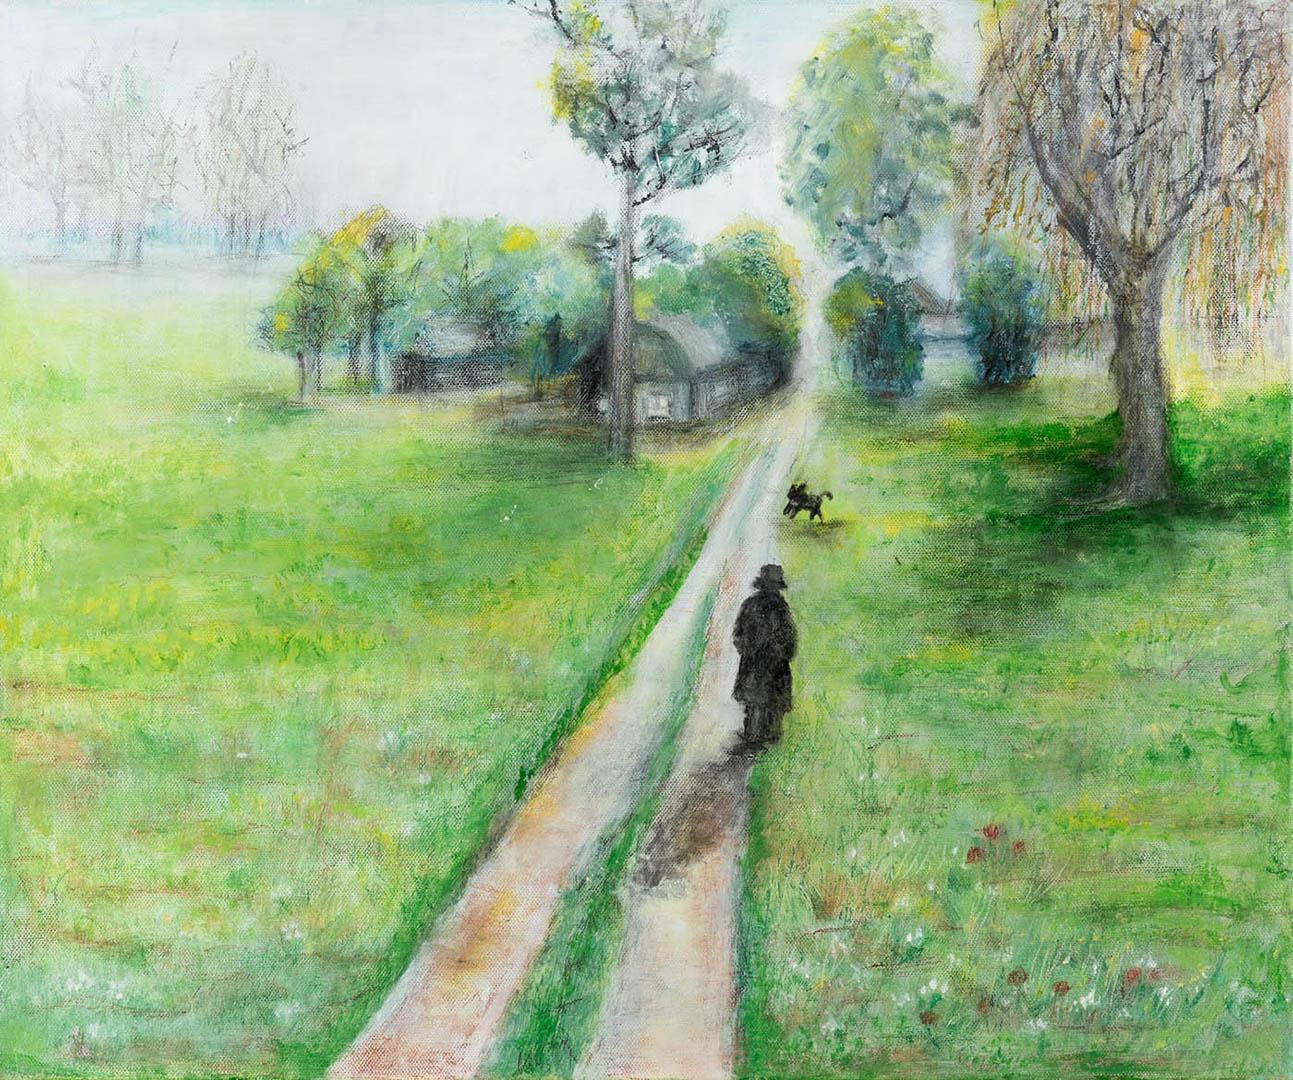 """Liucija Saveikienė. """"Kaimo takais"""", 2020 m. Drobė, akrilas; 50 x 60 cm"""